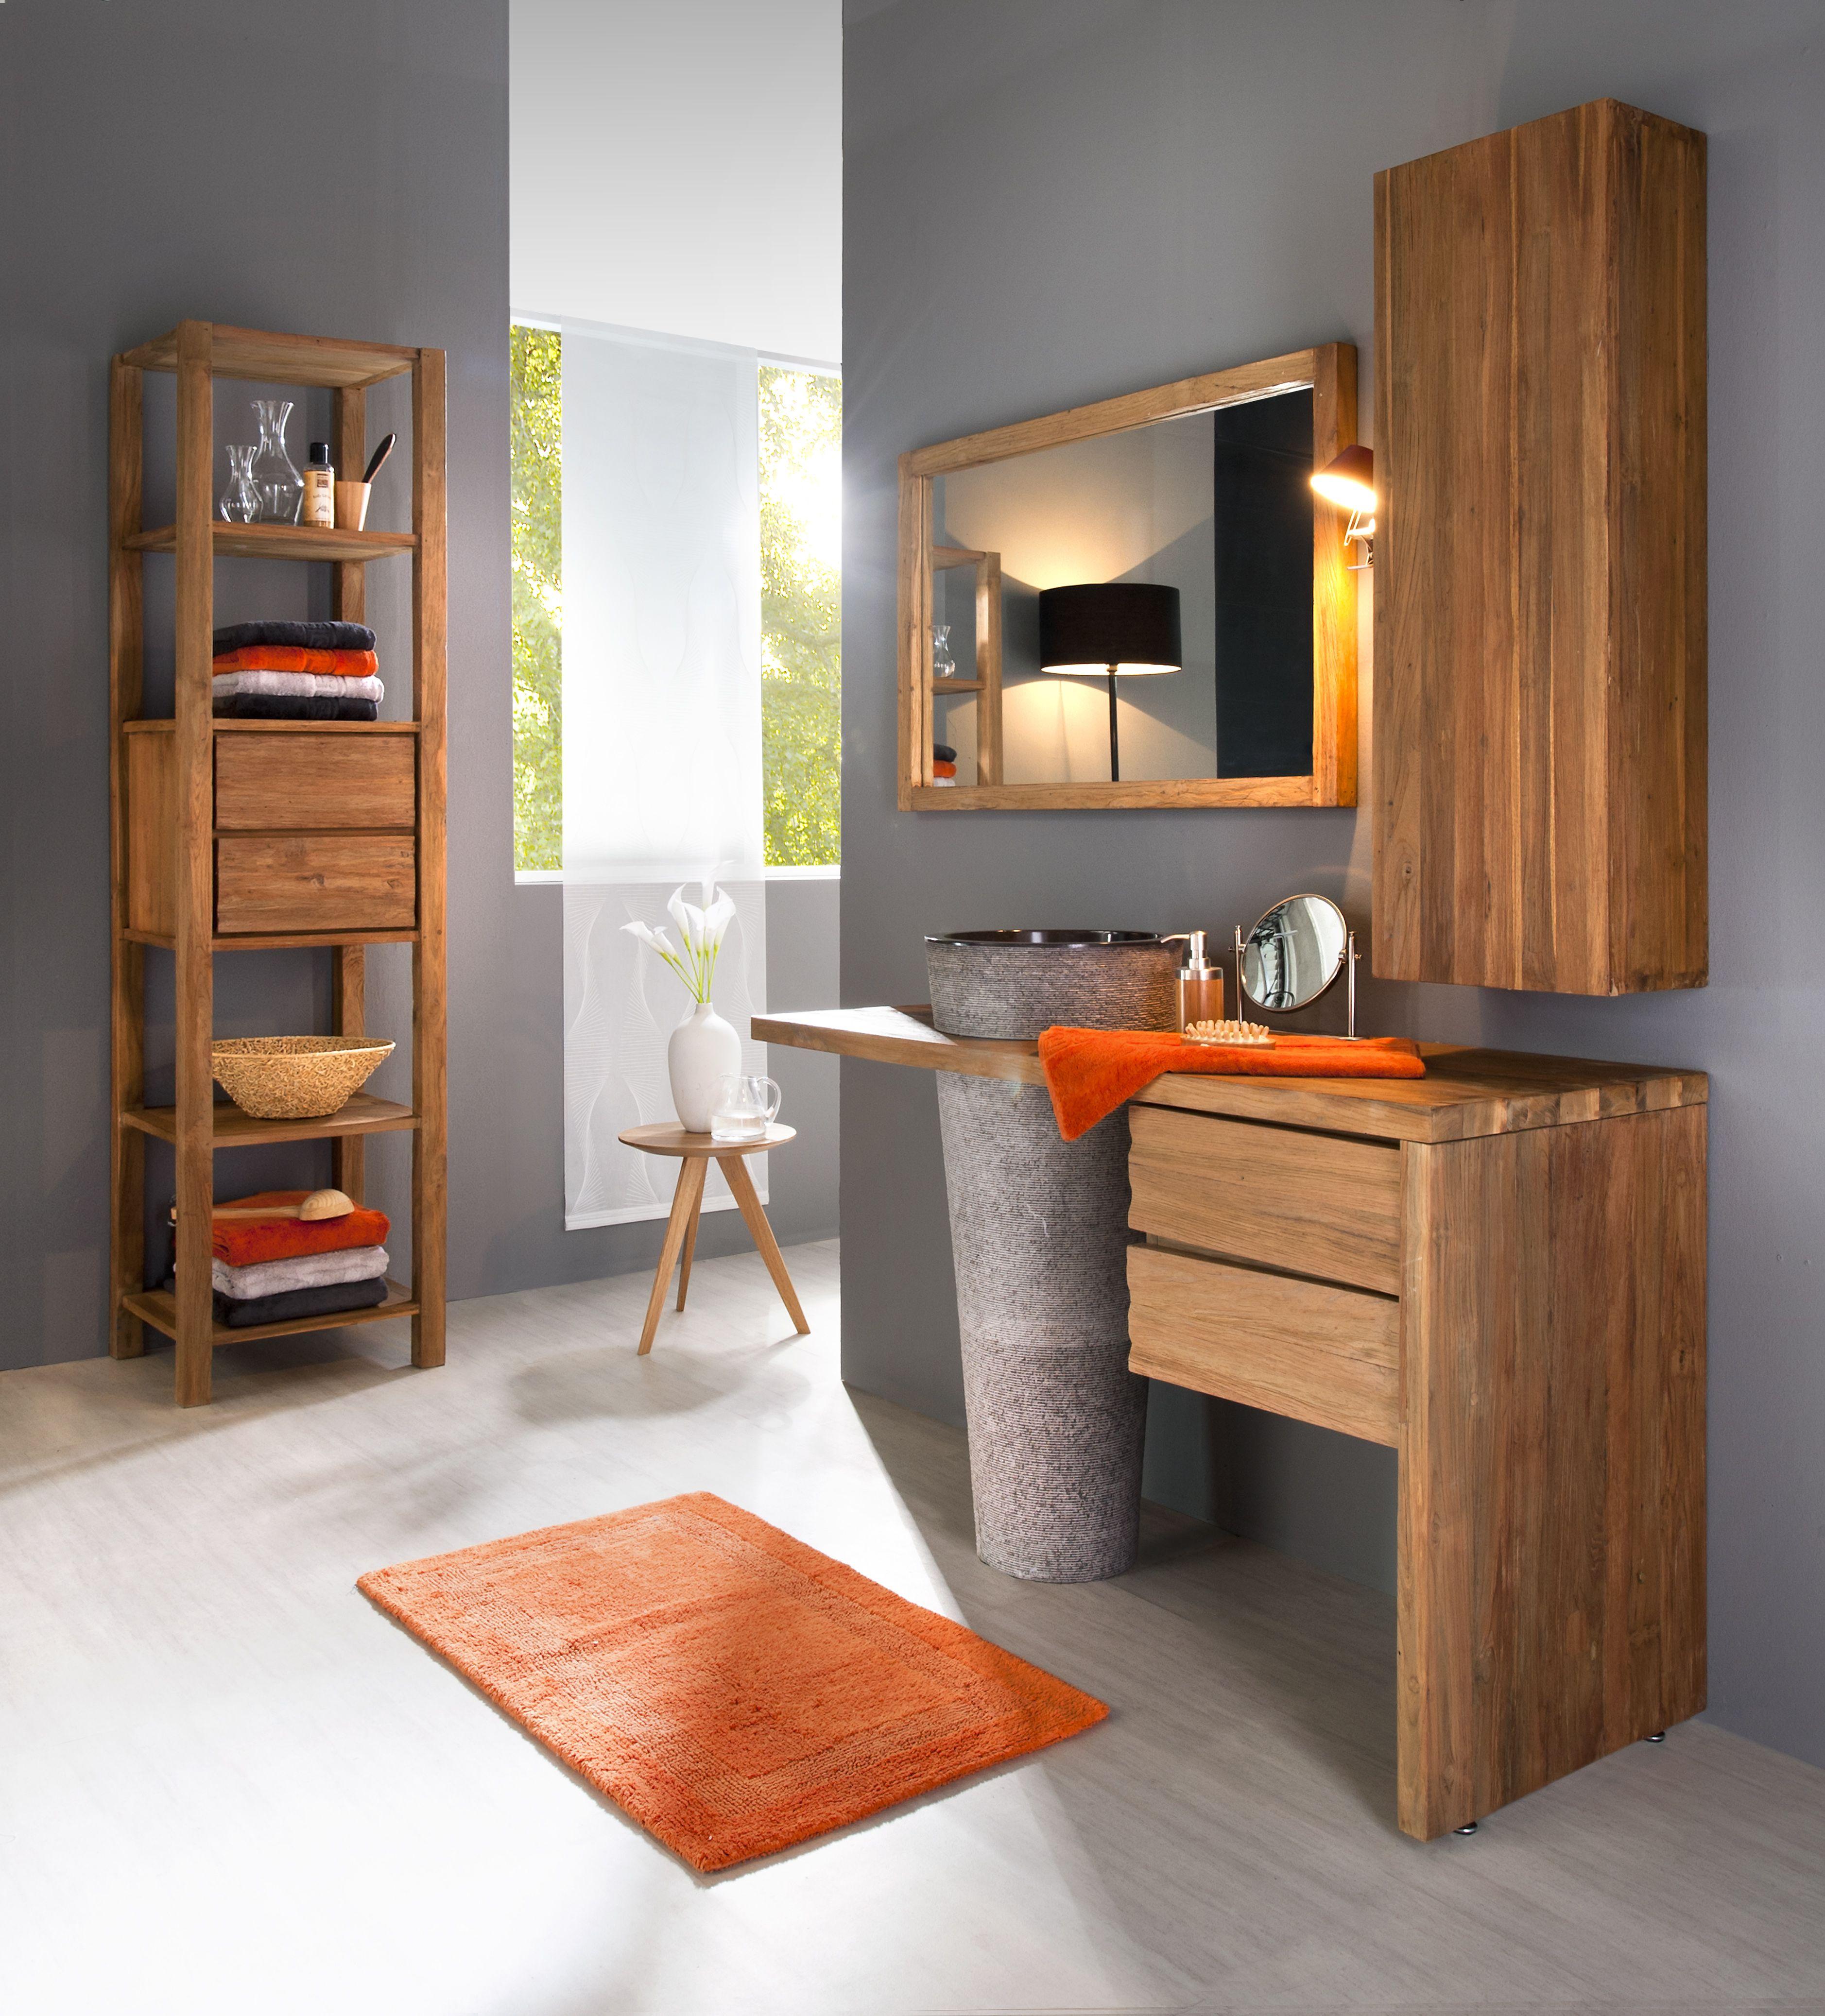 Ideen Aus Holz Holzbader Http Www Moebel Kraft De Badeinrichtung